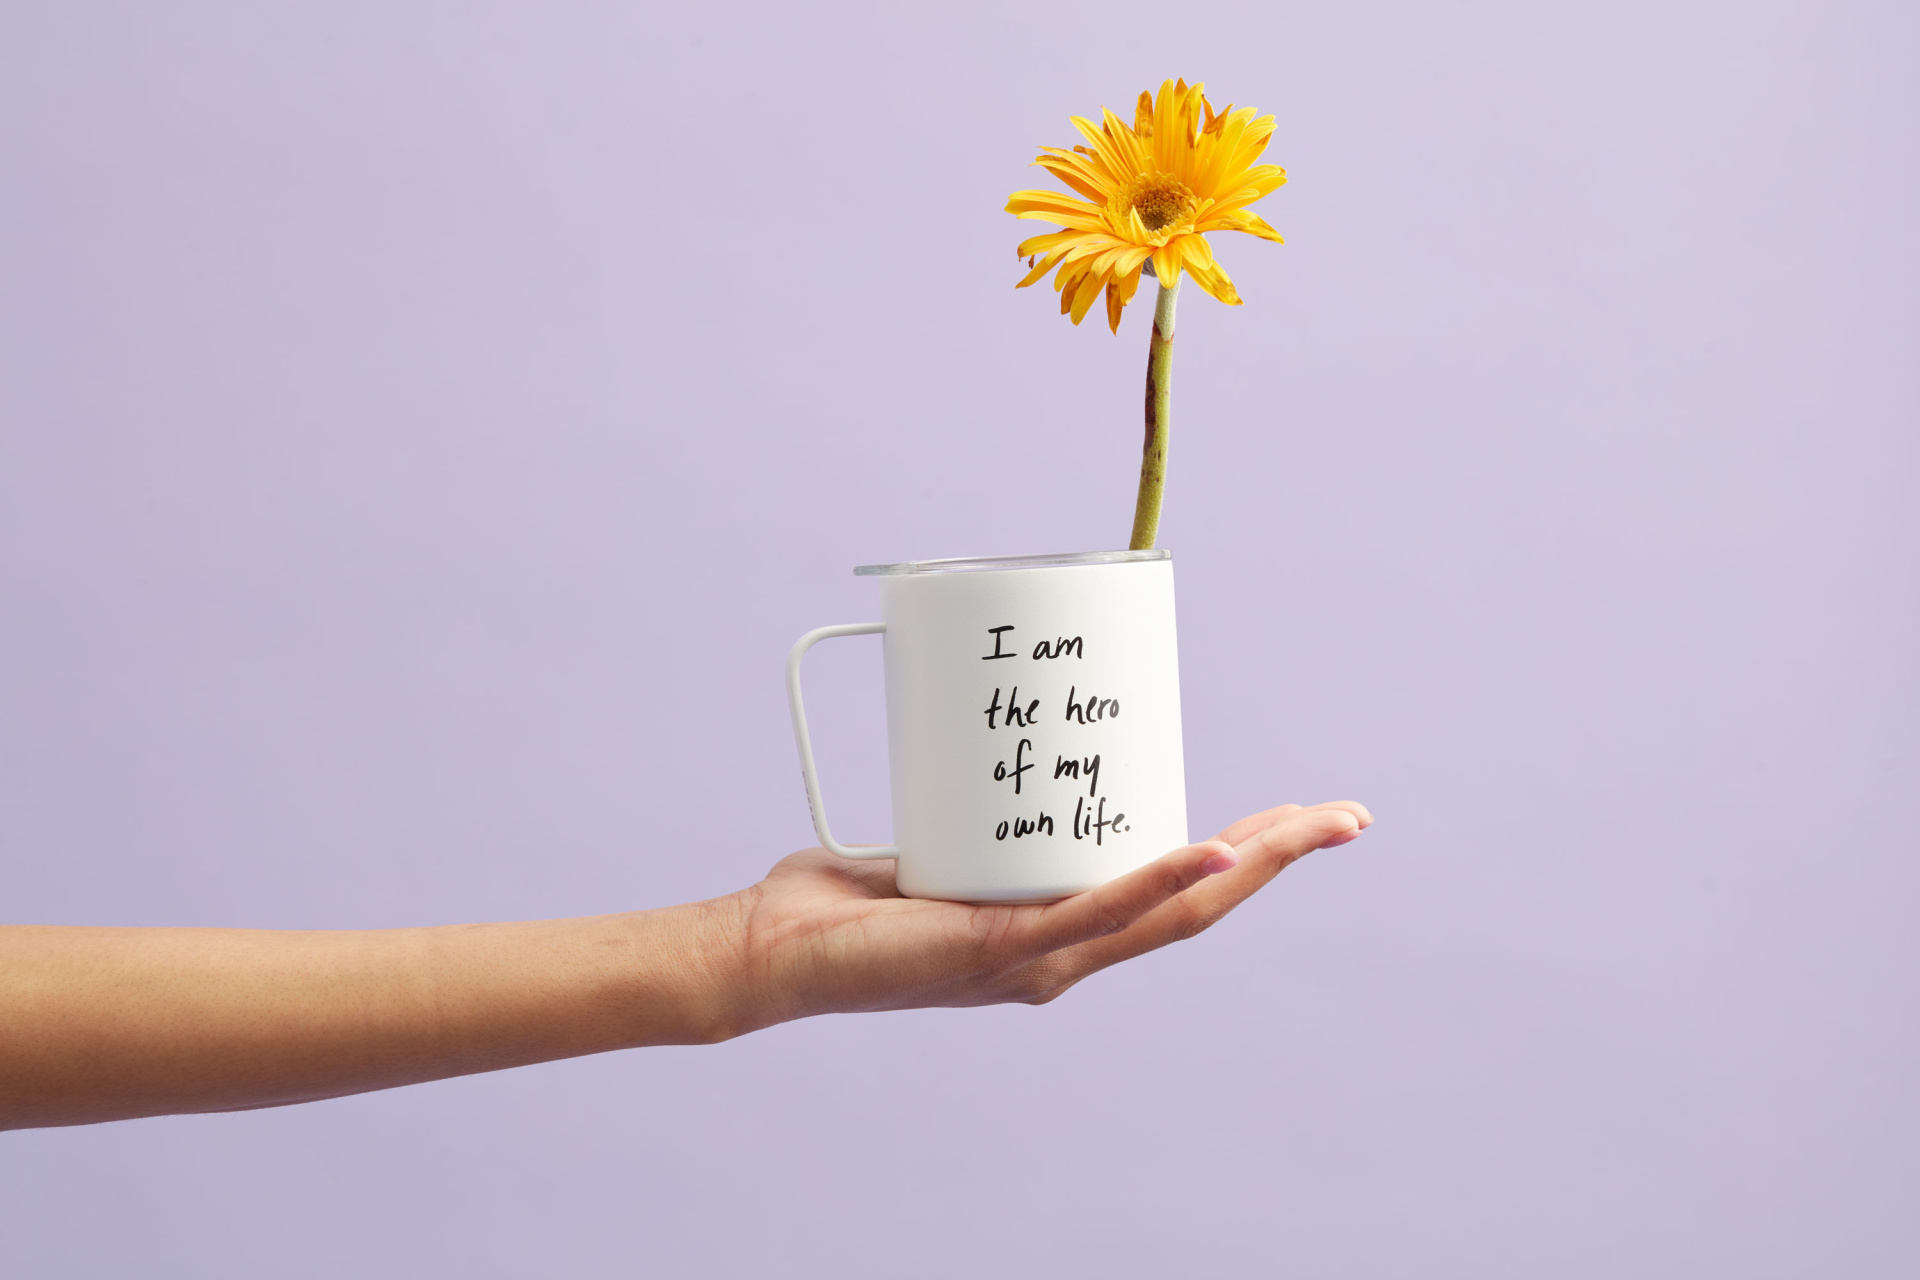 Αυτοφροντίδα: 12 ιδέες για να φροντίσεις τον εαυτό σου